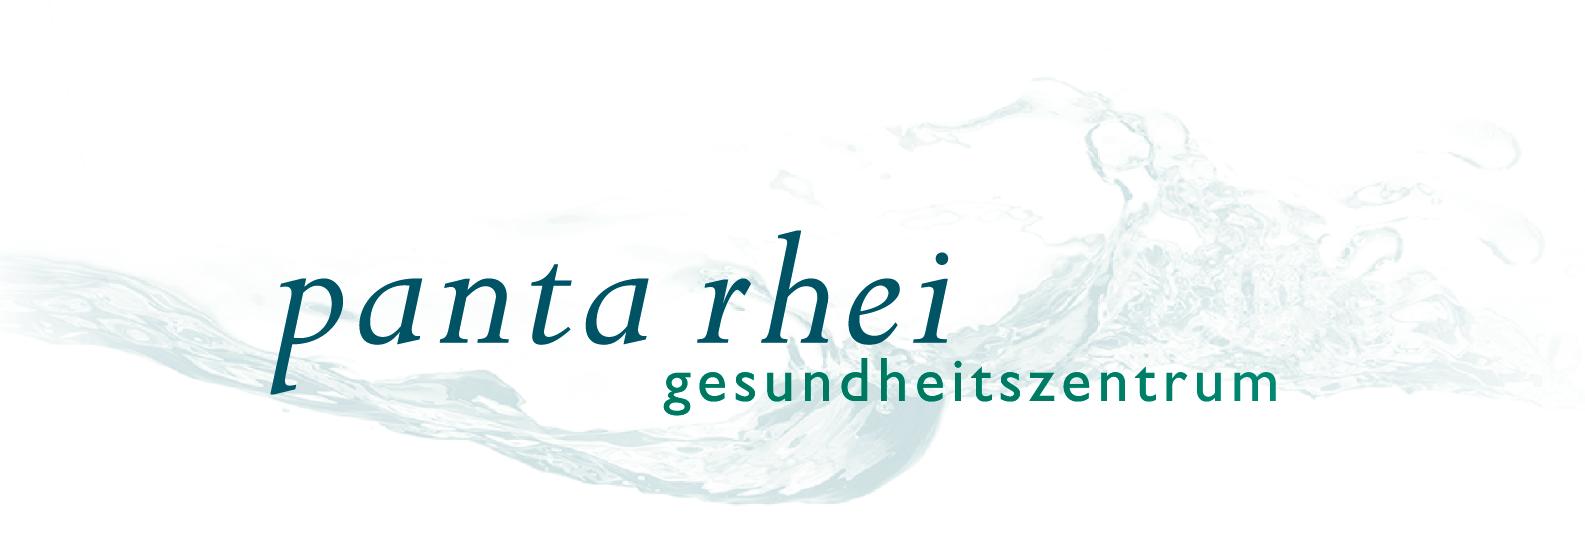 logo_panta rhei_1500px